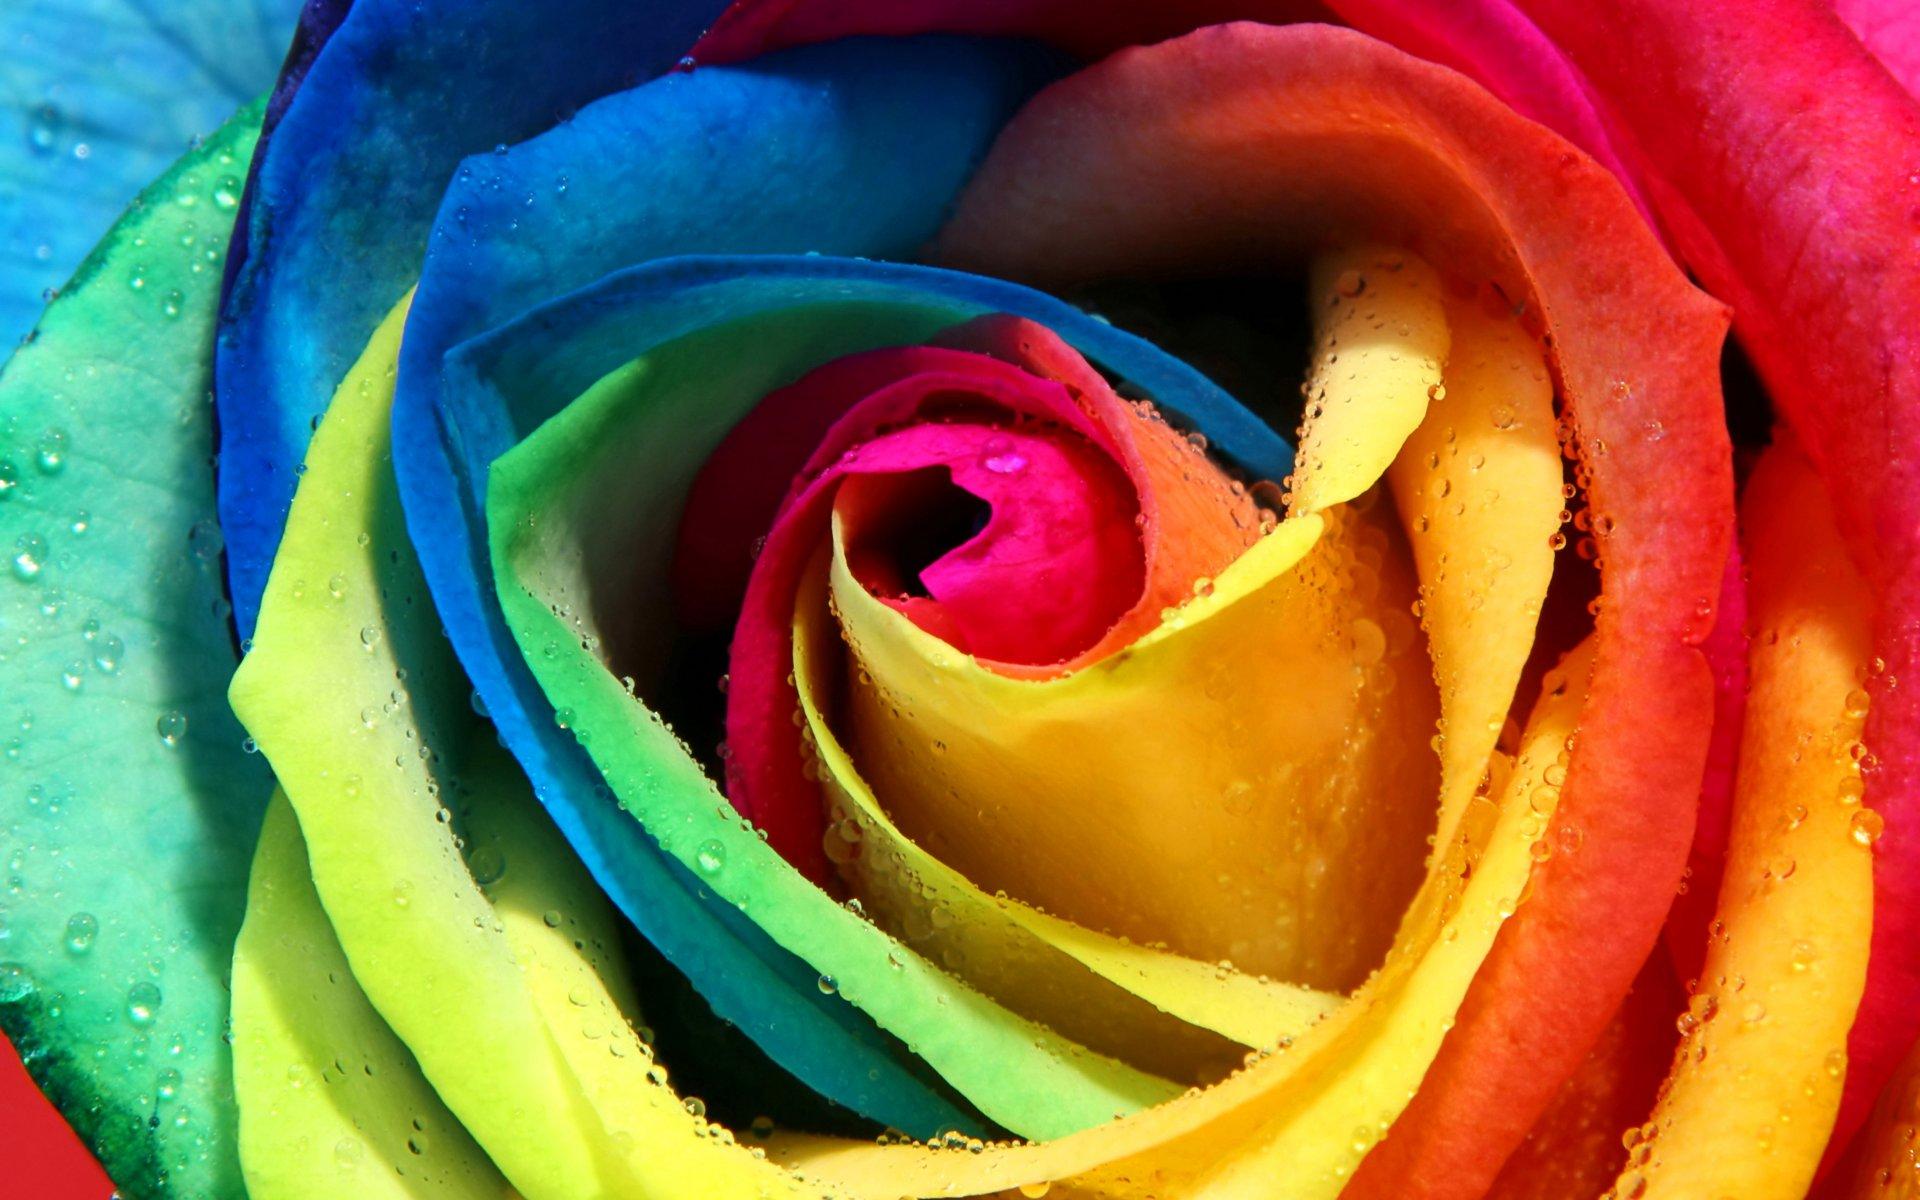 фотообои на нокиа 1030 в виде розы